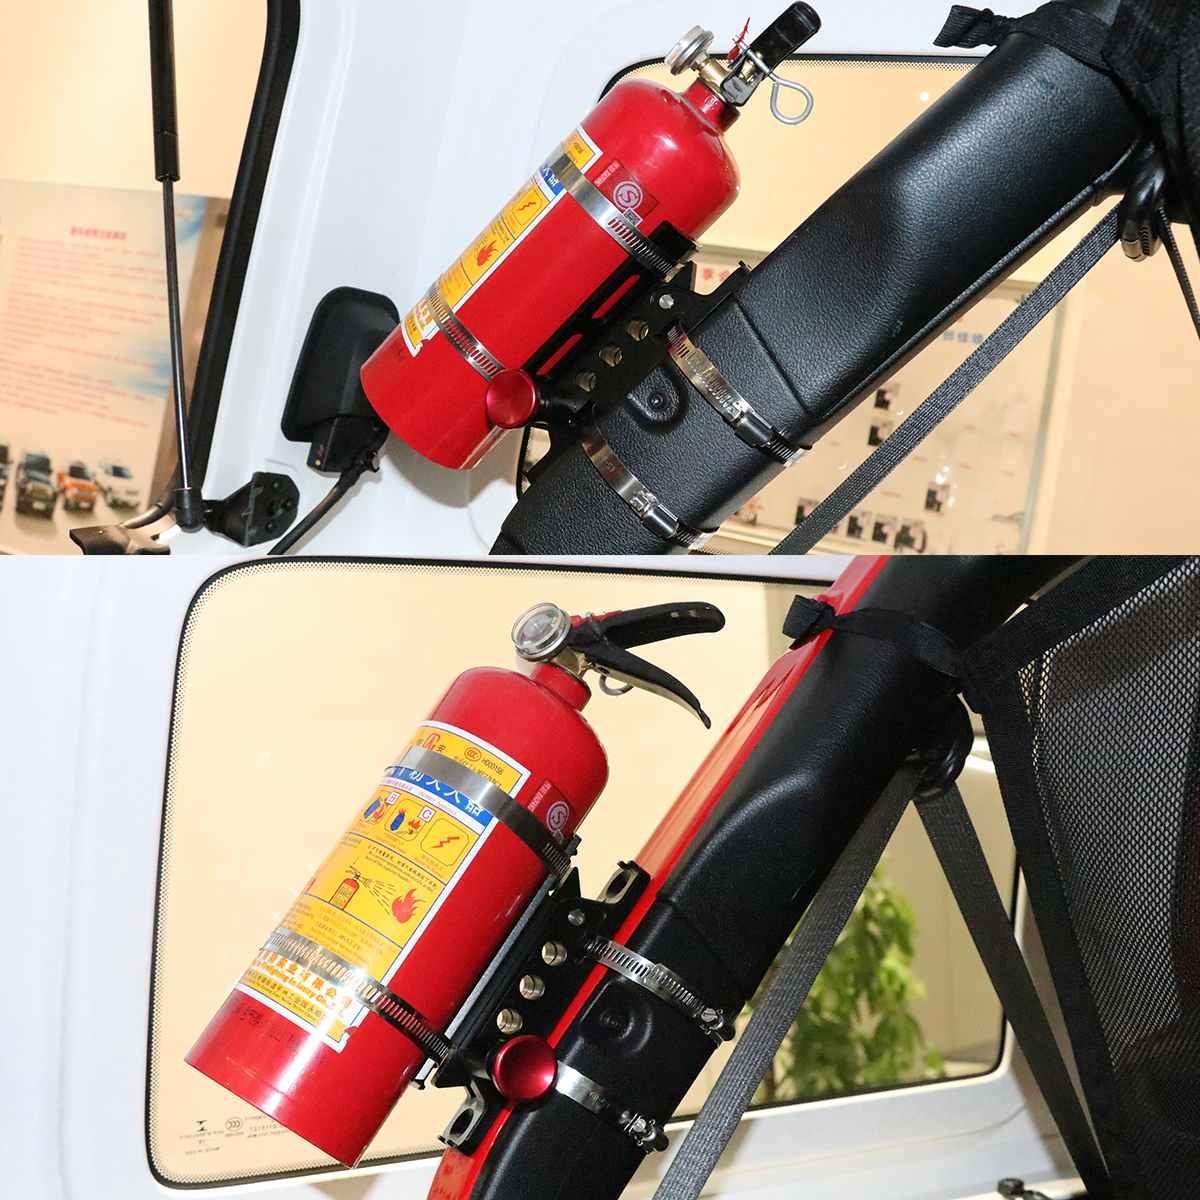 Adjustable Universal Roll Bar Mount Holder Clamps Aluminum ATV UTV For Ford F 150 Ranger T6